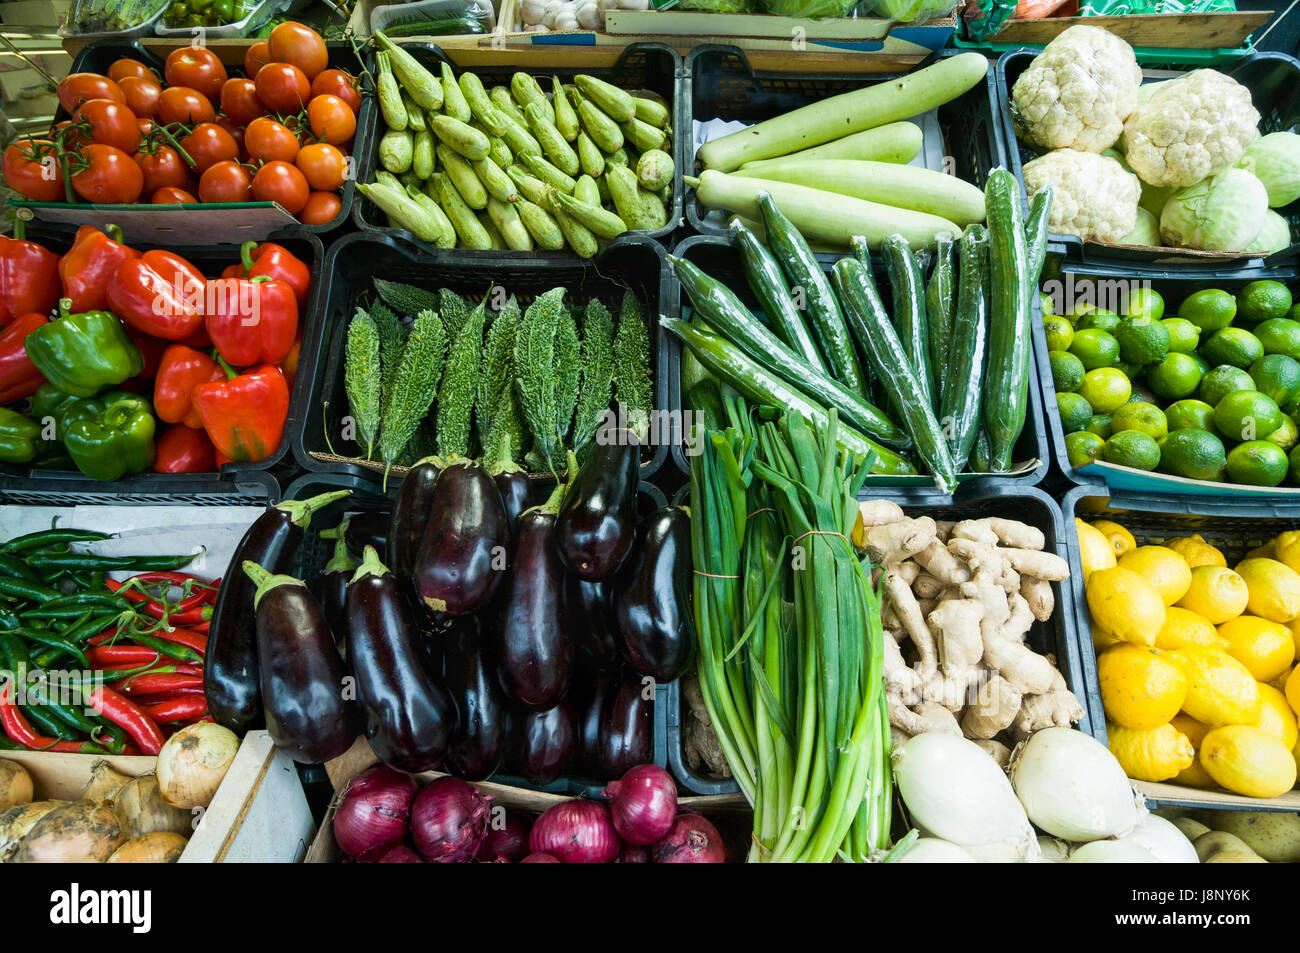 Les légumes et fruits dans les boîtes en plastique Banque D'Images